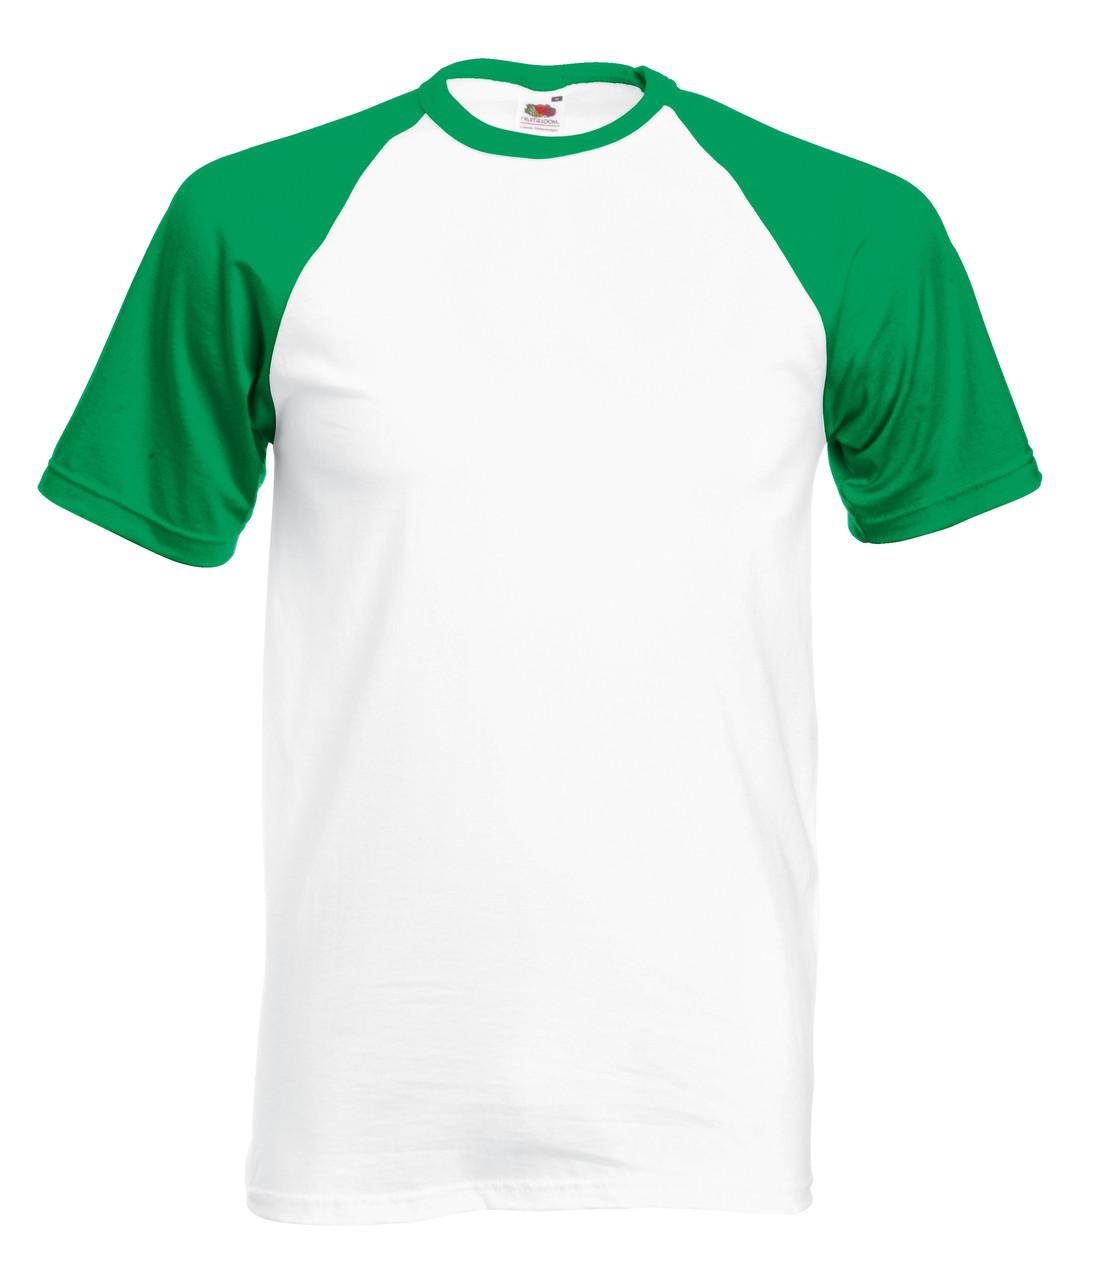 Мужская Футболка c Цветными Рукавами Fruit of the loom Белый/Ярко-зелёный 61-026-WK S